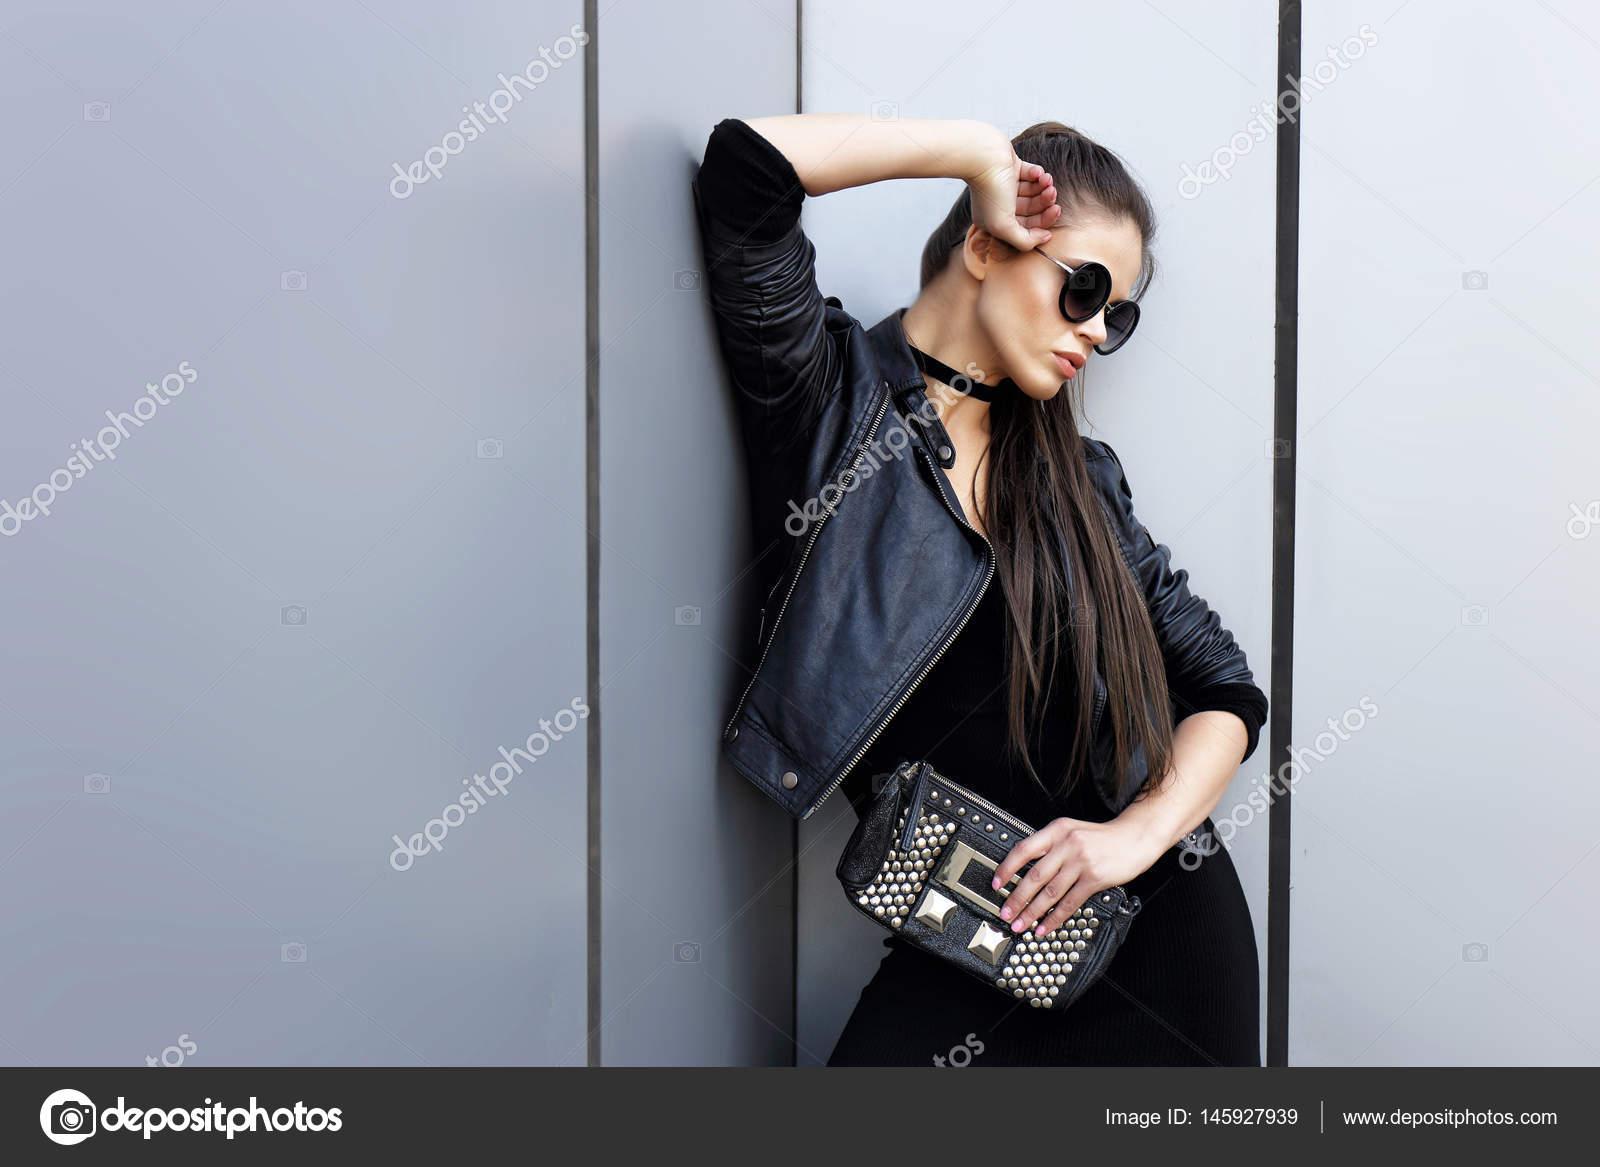 info for 5912a 6e889 giacca pelle donna in nera di 4qx0HZ